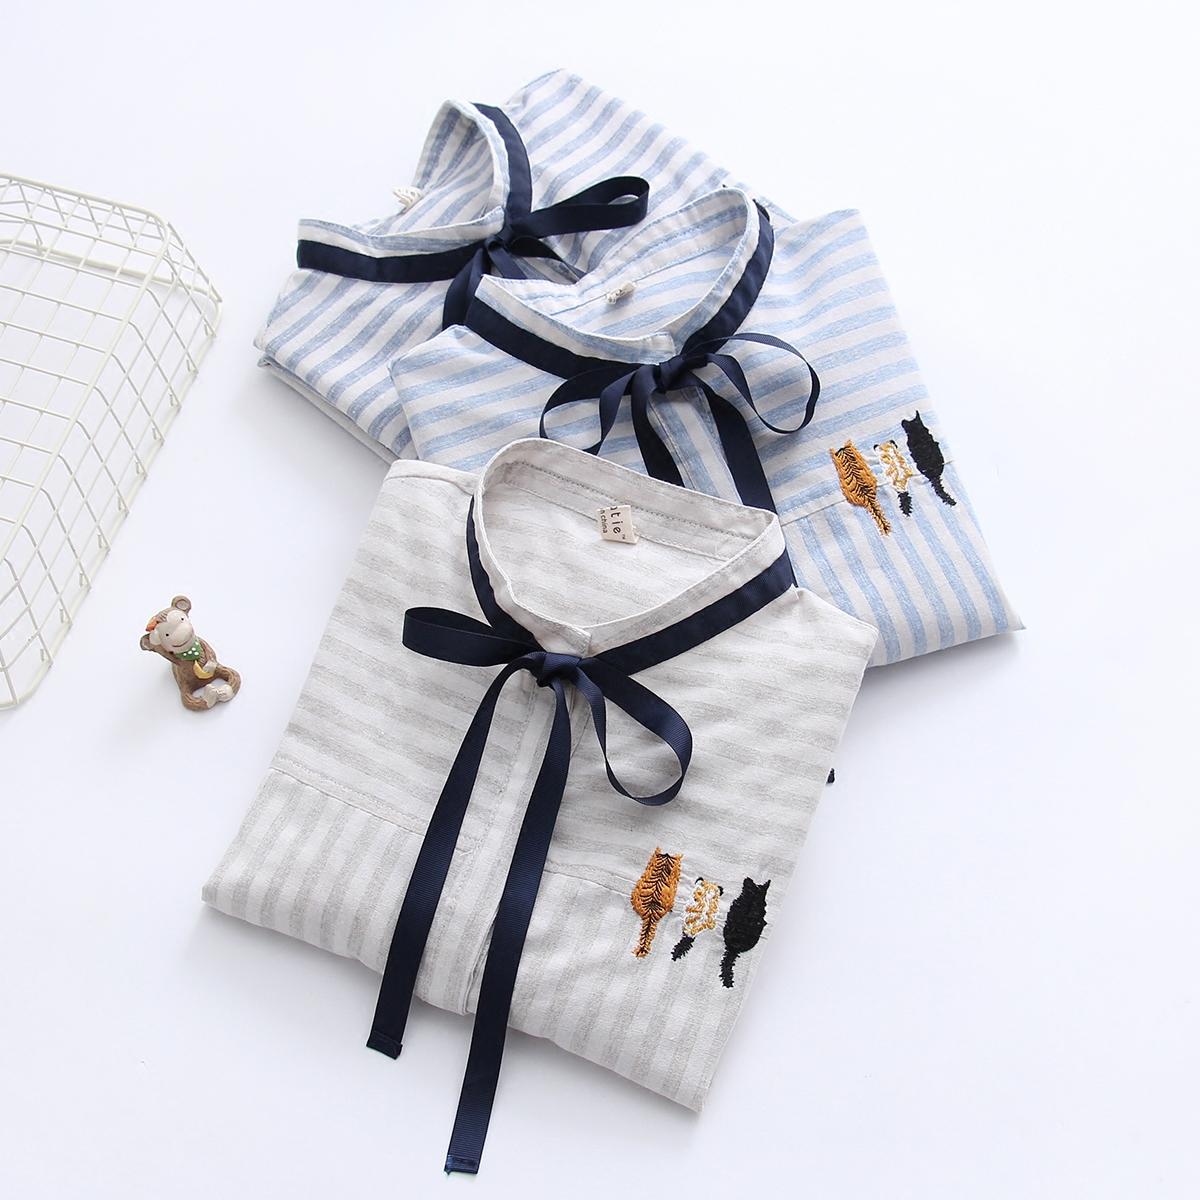 日系森女系甜美百搭三只猫刺绣条纹长袖衬衫女式衬衣春装新款2018